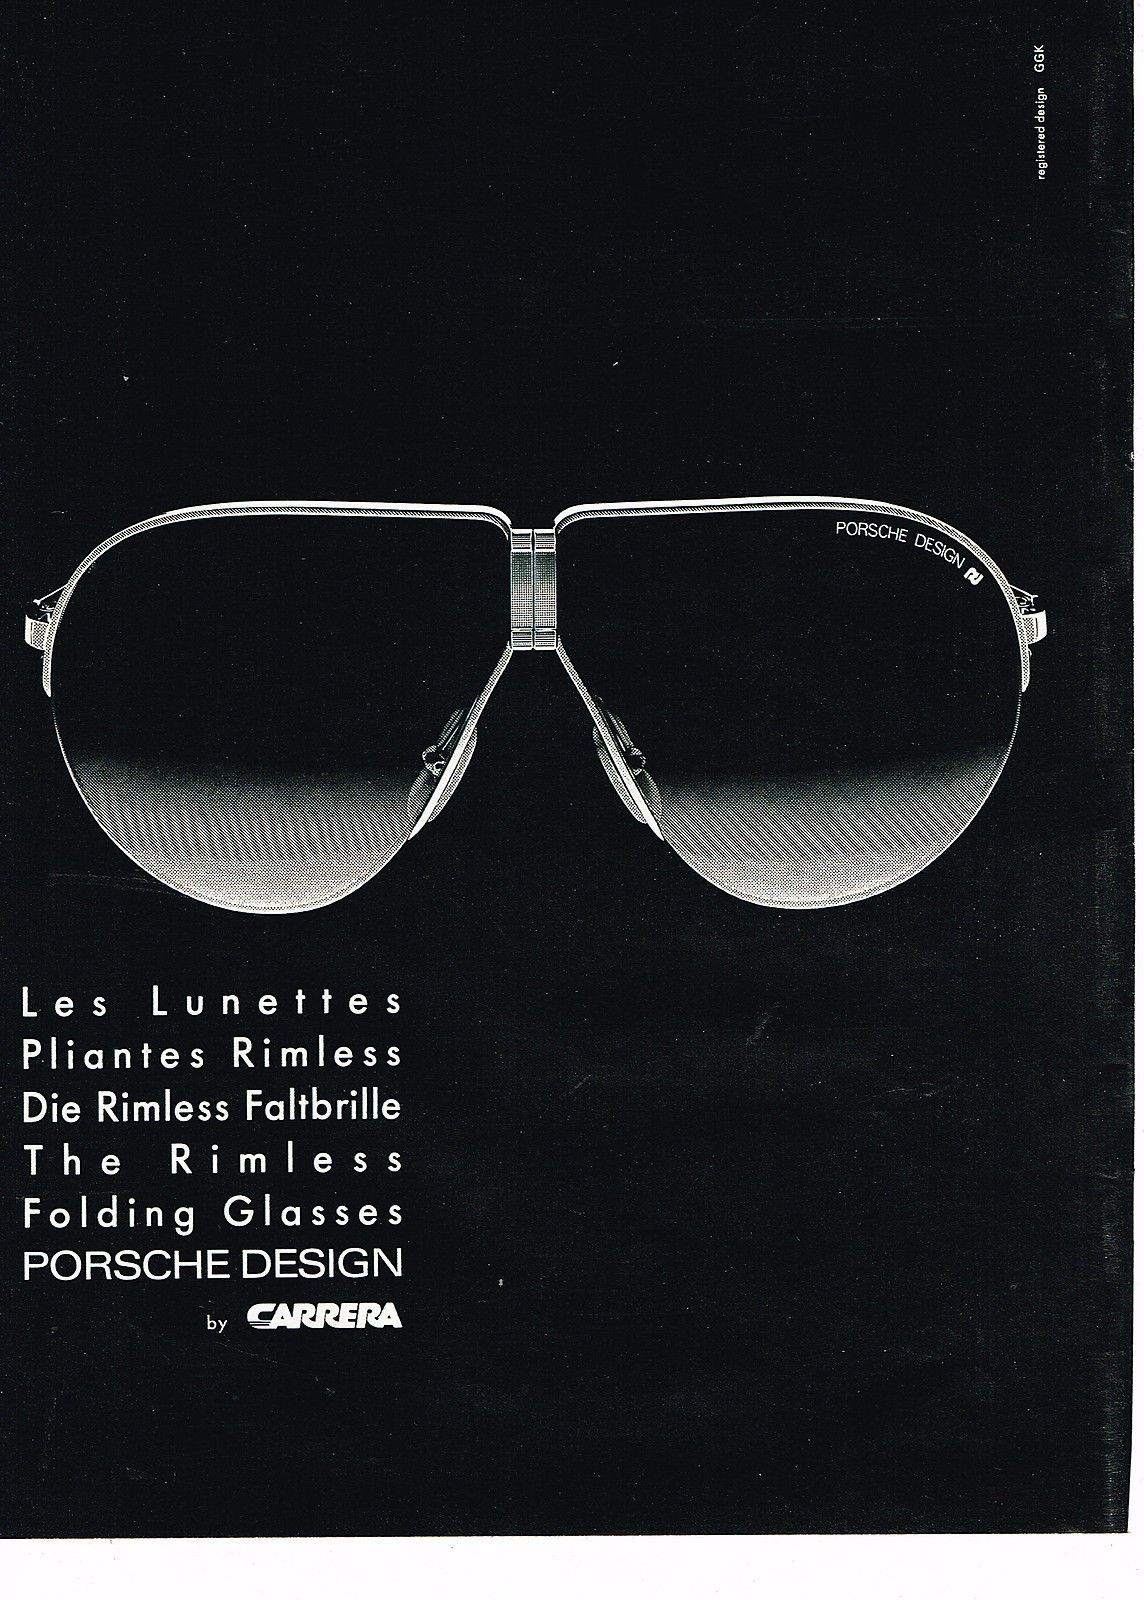 Porsche Carrera 1985 Les Publicités, Publicités Vendanges, Publicité,  Lunettes, Années 1980, 6e5c574bde84